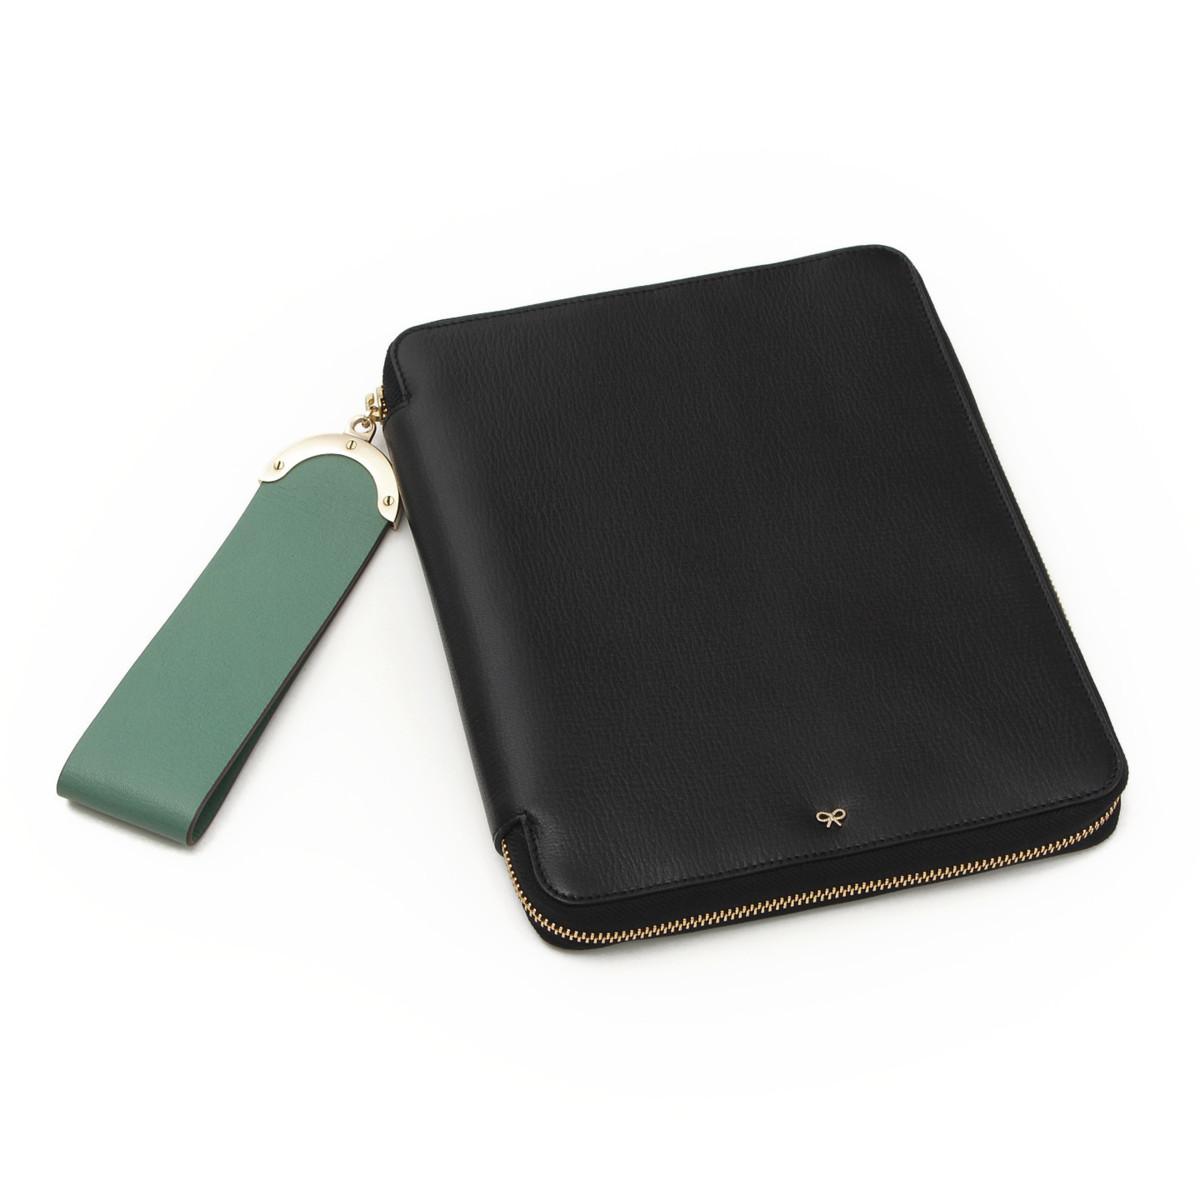 【スーパーSALE 9/4開催】【アニヤハインドマーチ】Anya Hindmarch Seymour ゴートレザー iPadケース ブラック 未使用【中古】【鑑定済・正規品保証】25526